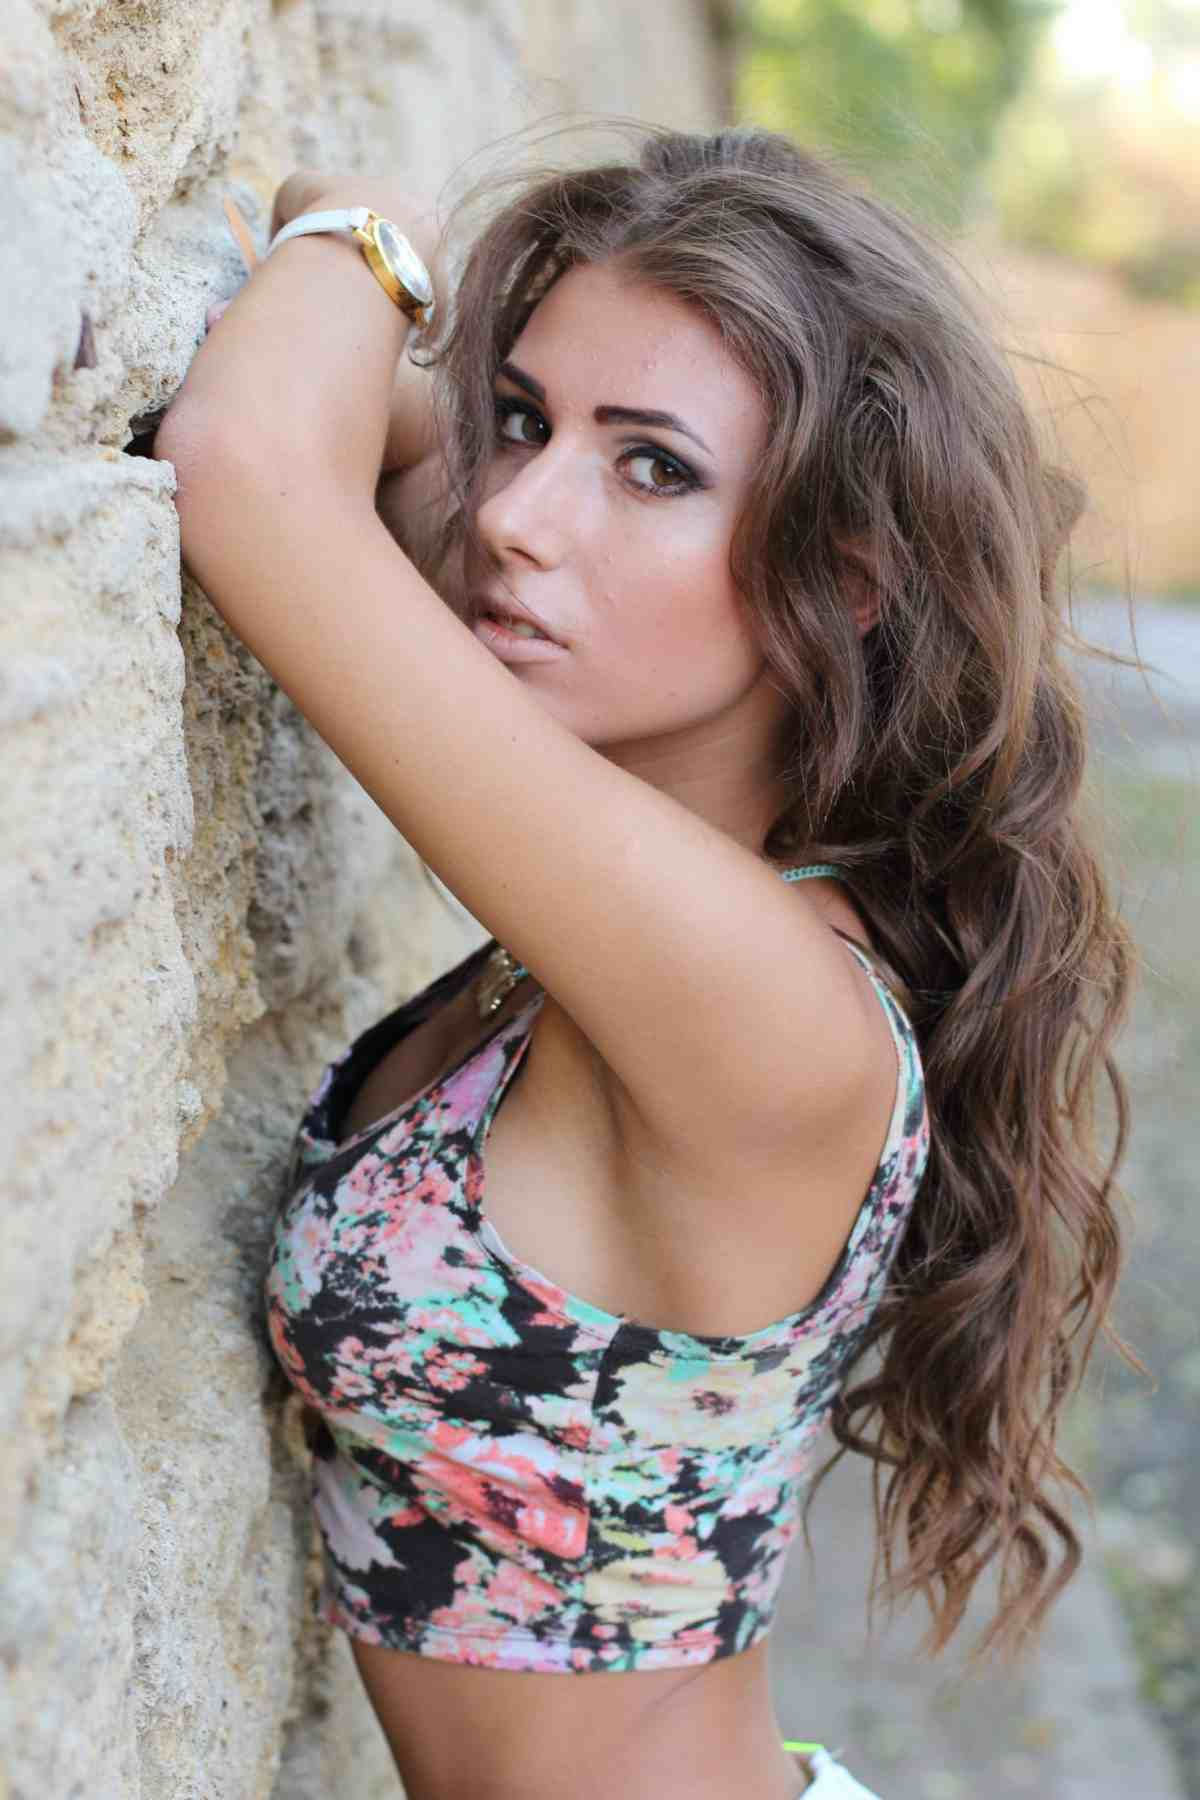 Amelia may